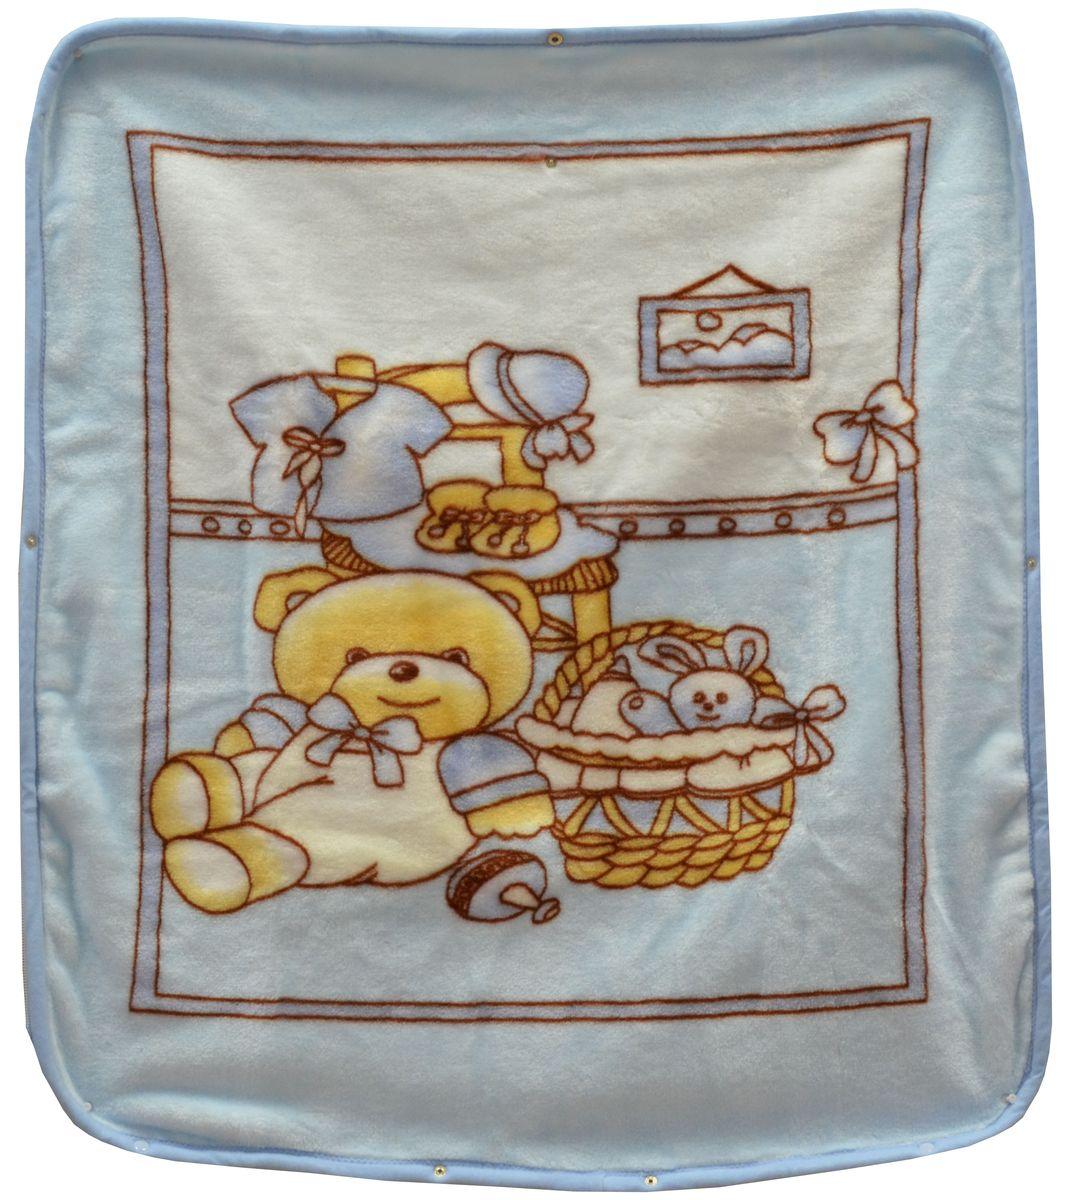 Bonne Fee Плед-накидка для младенцев на молнии 1, 80 х 90 см, цвет: голубойV353365Плед-накидка для младенцев на молнии Bonne Fee - защита, тепло и комфорт для малышей - использован надёжный, качественный и мягкий материал! Удобство и спокойствие для родителей обеспечивается универсальностью пледа-накидки, конструкция которого позволяет ему легко превращаться в конвертик. Отличное качество и практичность! Любите своего ребёнка и дарите ему лучшее!